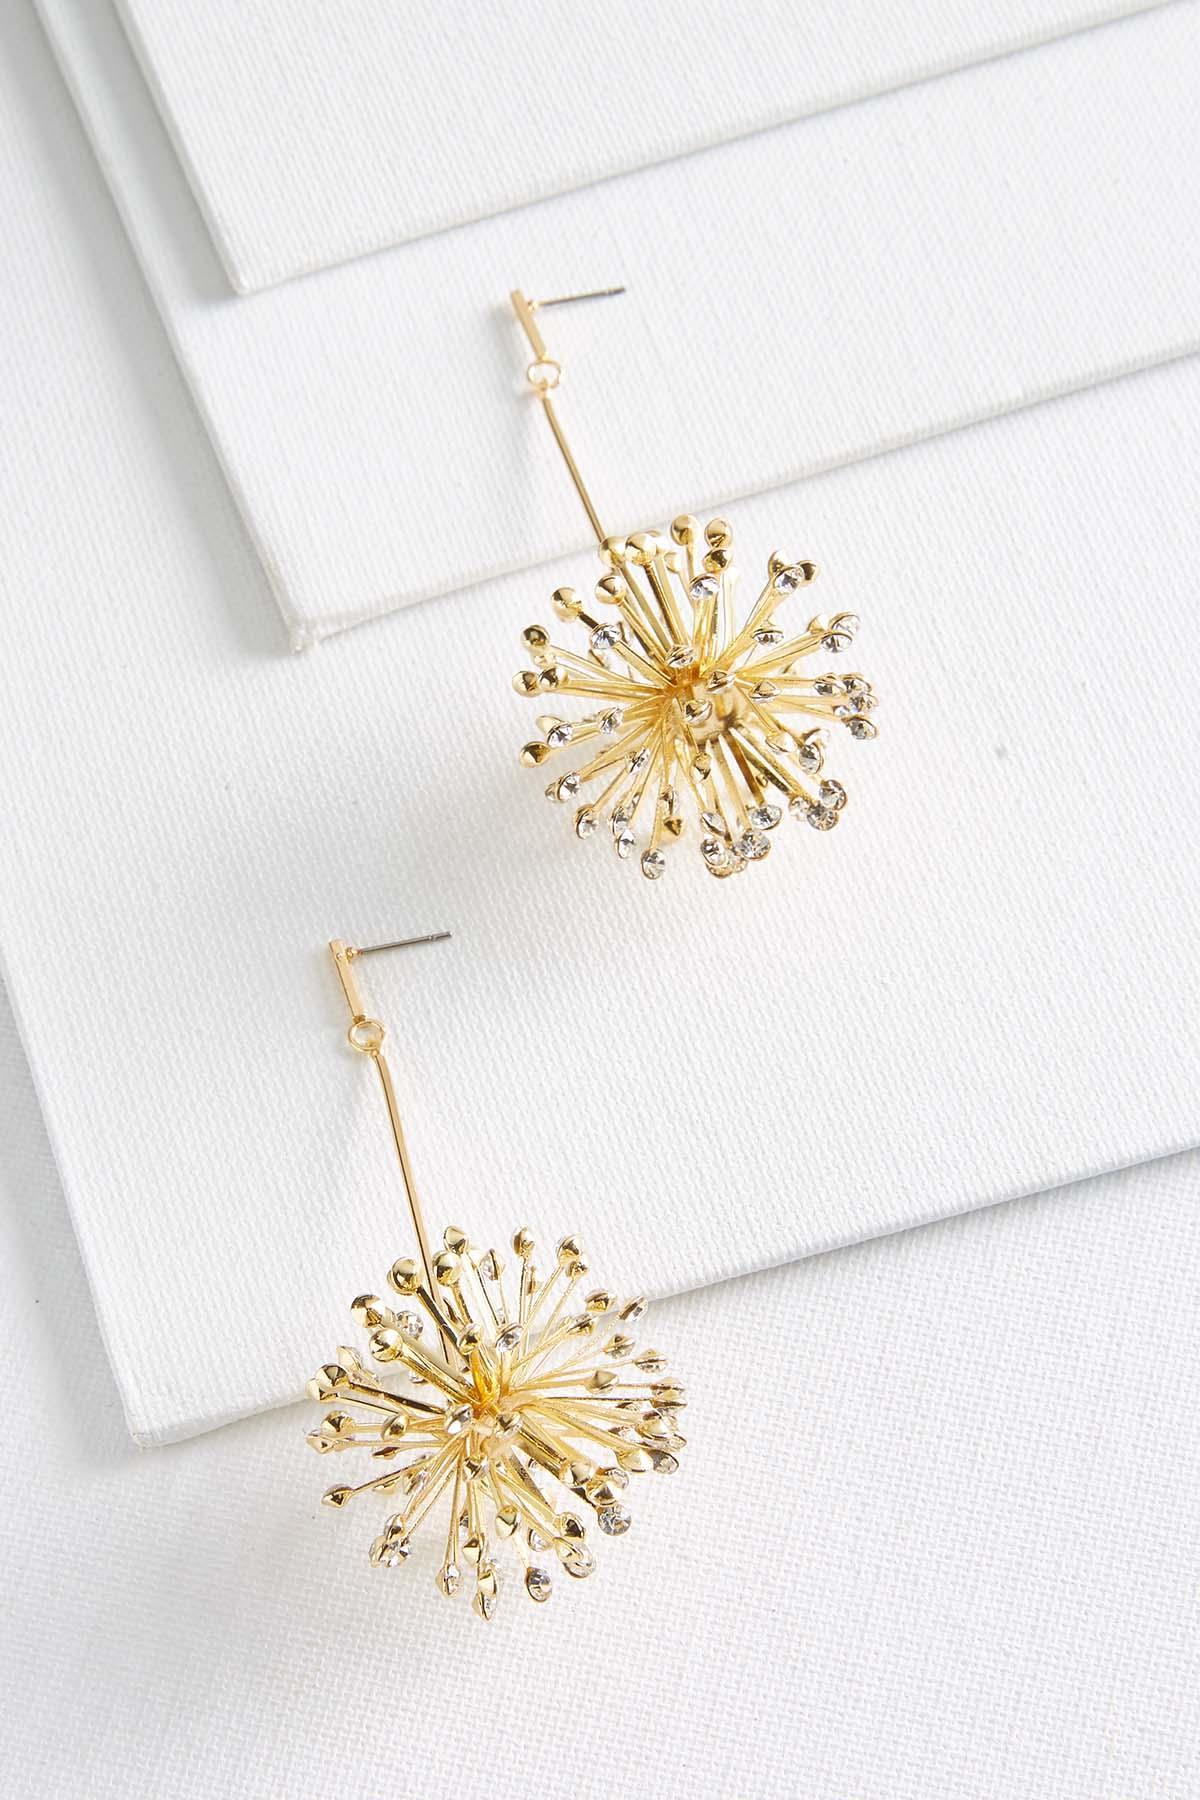 Glimmering Sunburst Earrings